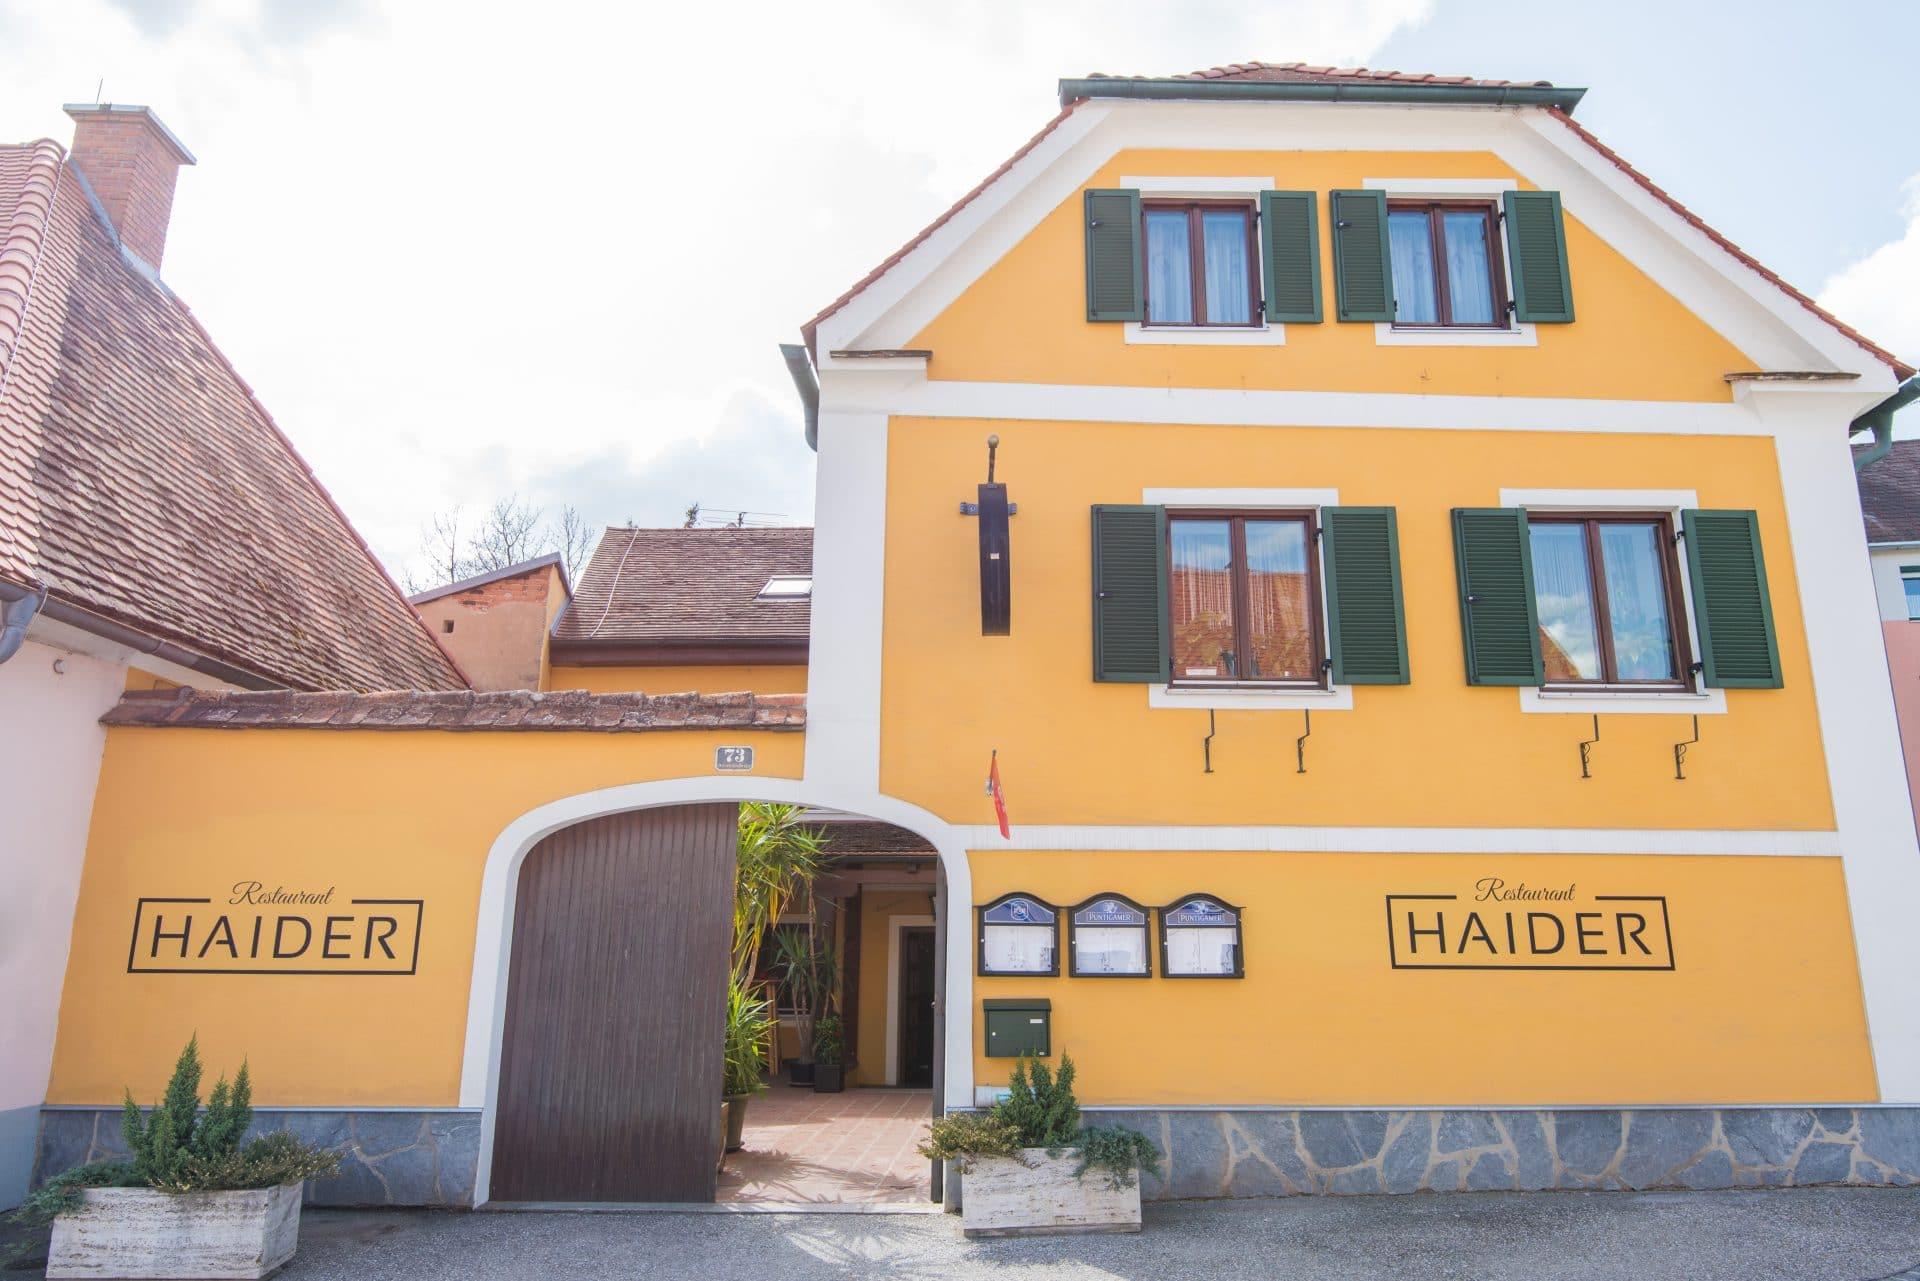 Restaurant Haider, © Helmut Schweighofer